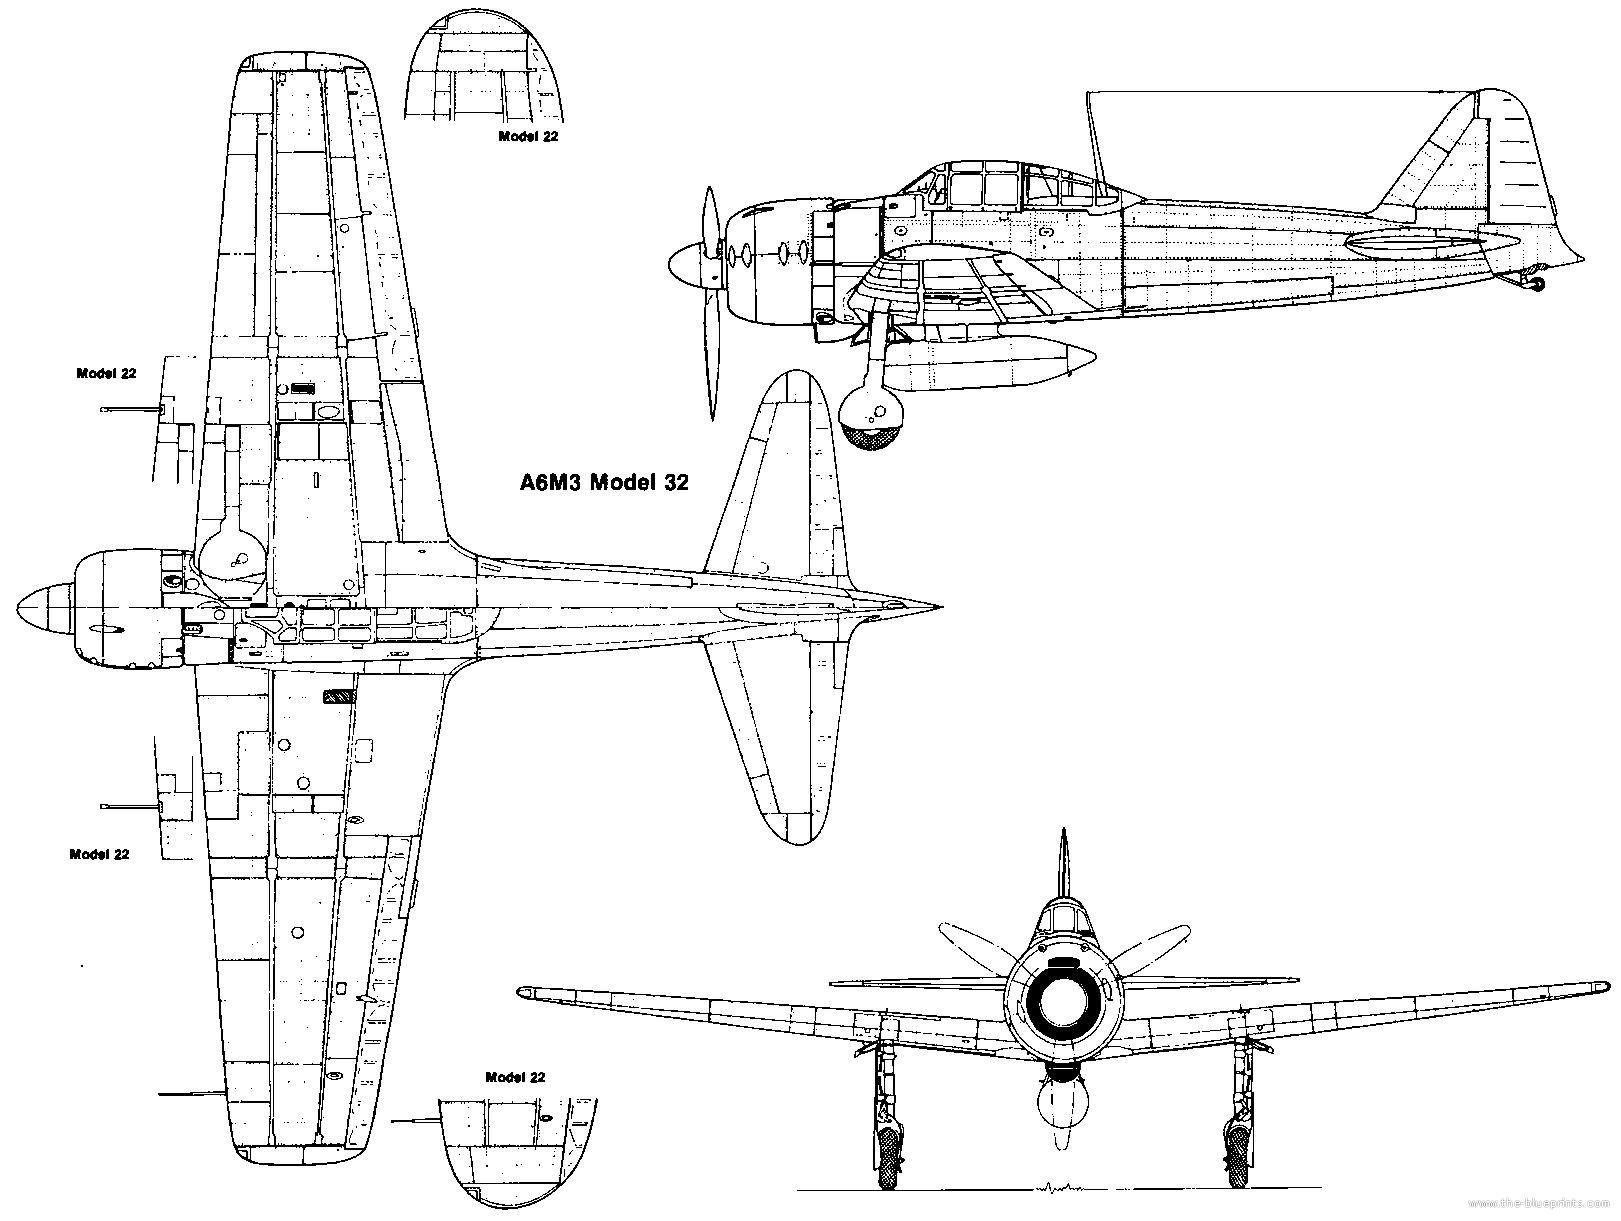 Blueprints > WW2 Airplanes > Mitsubishi > Mitsubishi A6M3